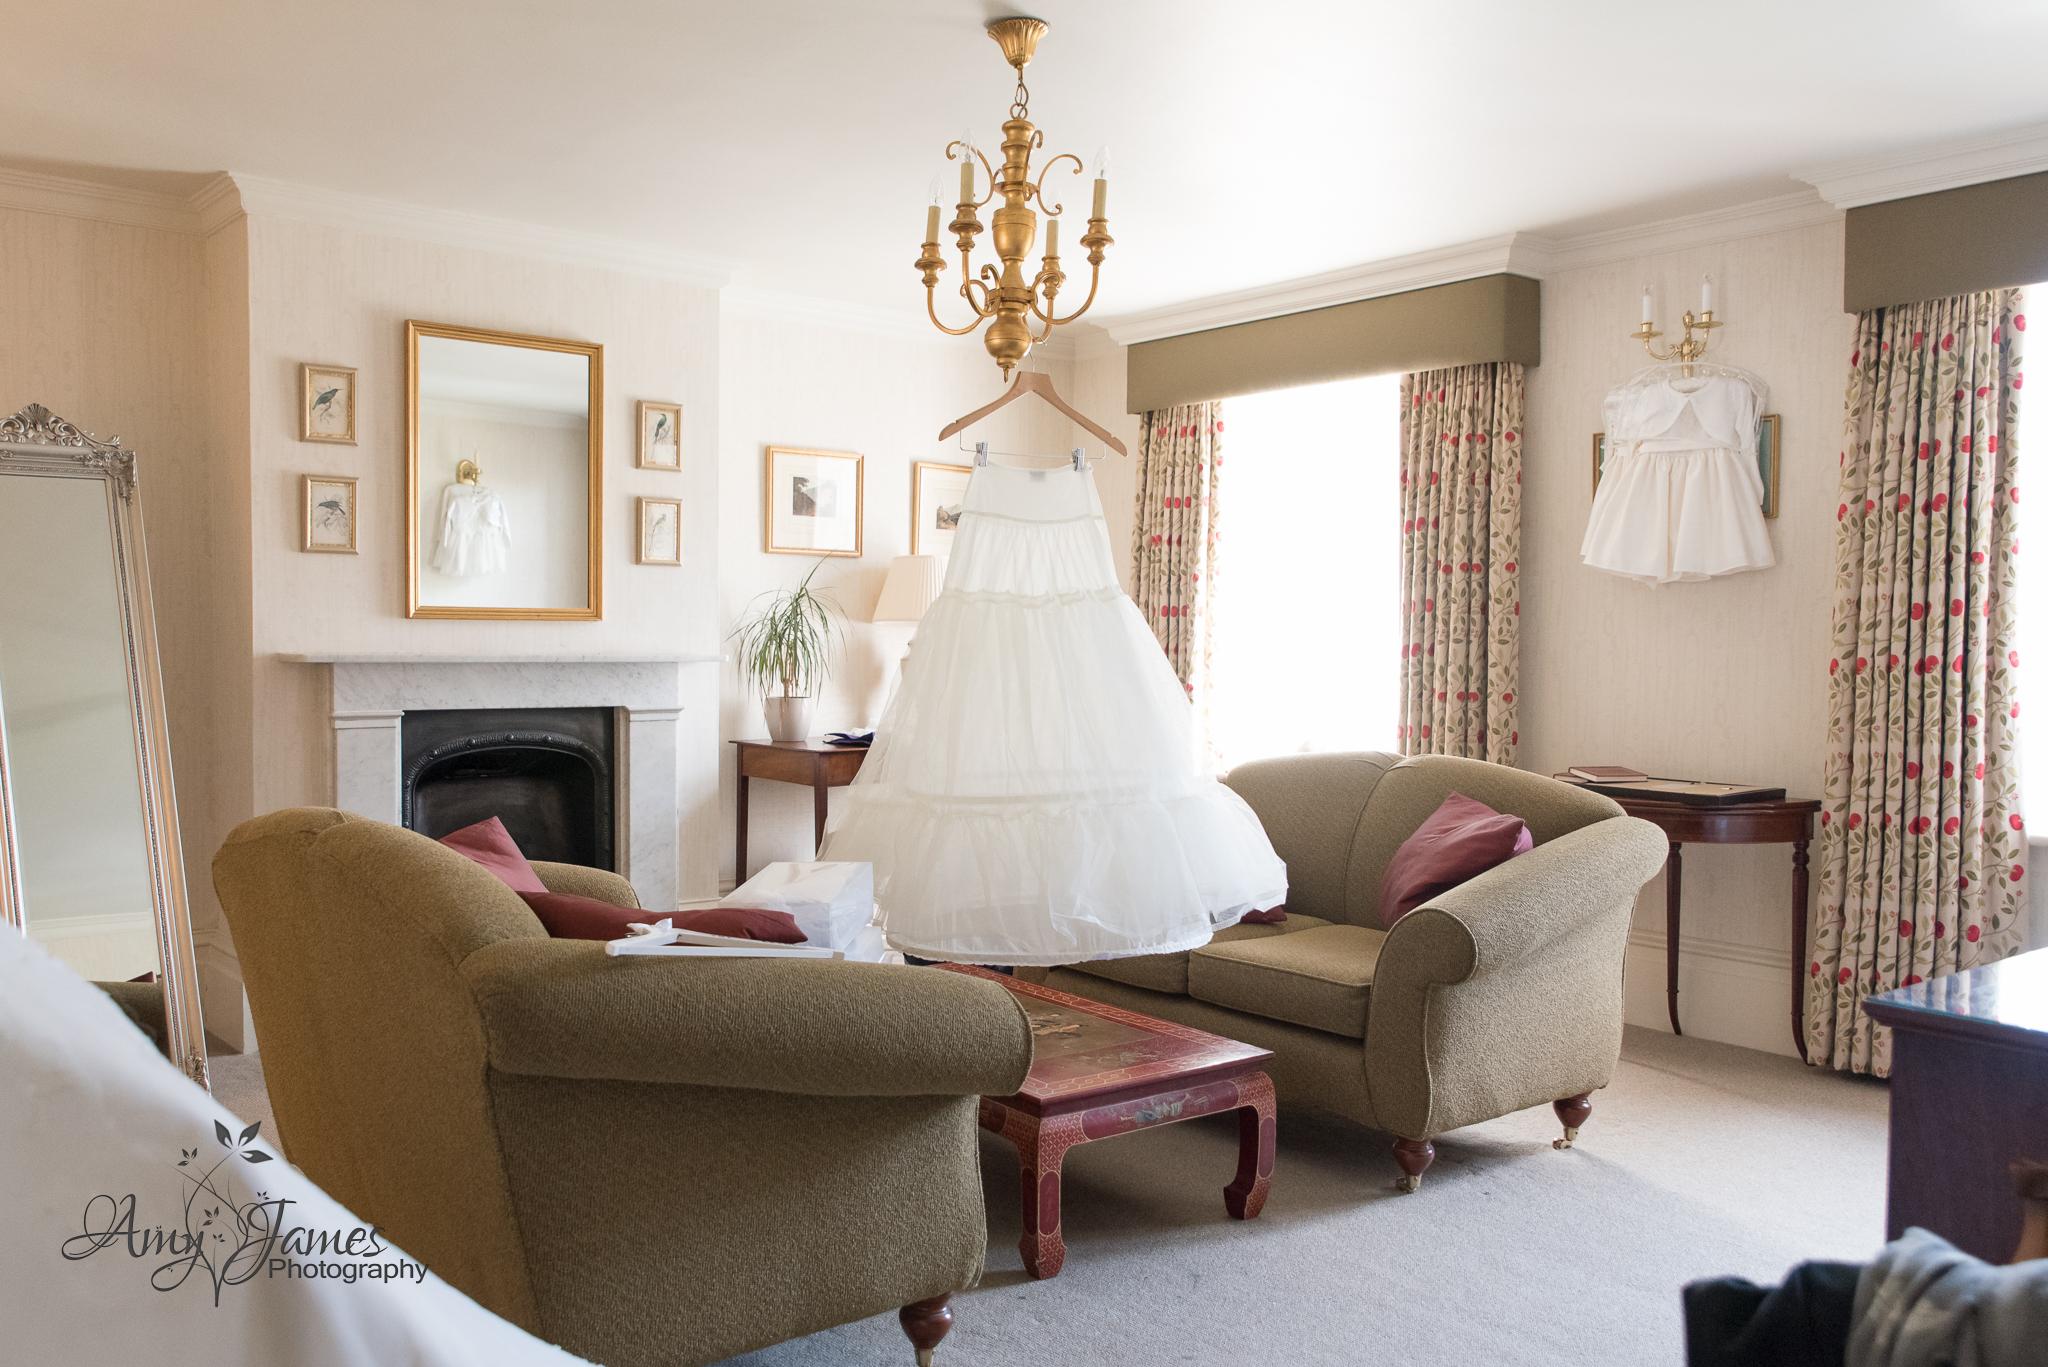 Amy James Photography // Wedding Photographer Hampshire // Audley Wood Hotel Wedding // Basingstoke Wedding Venues // Hampshire Wedding Venues